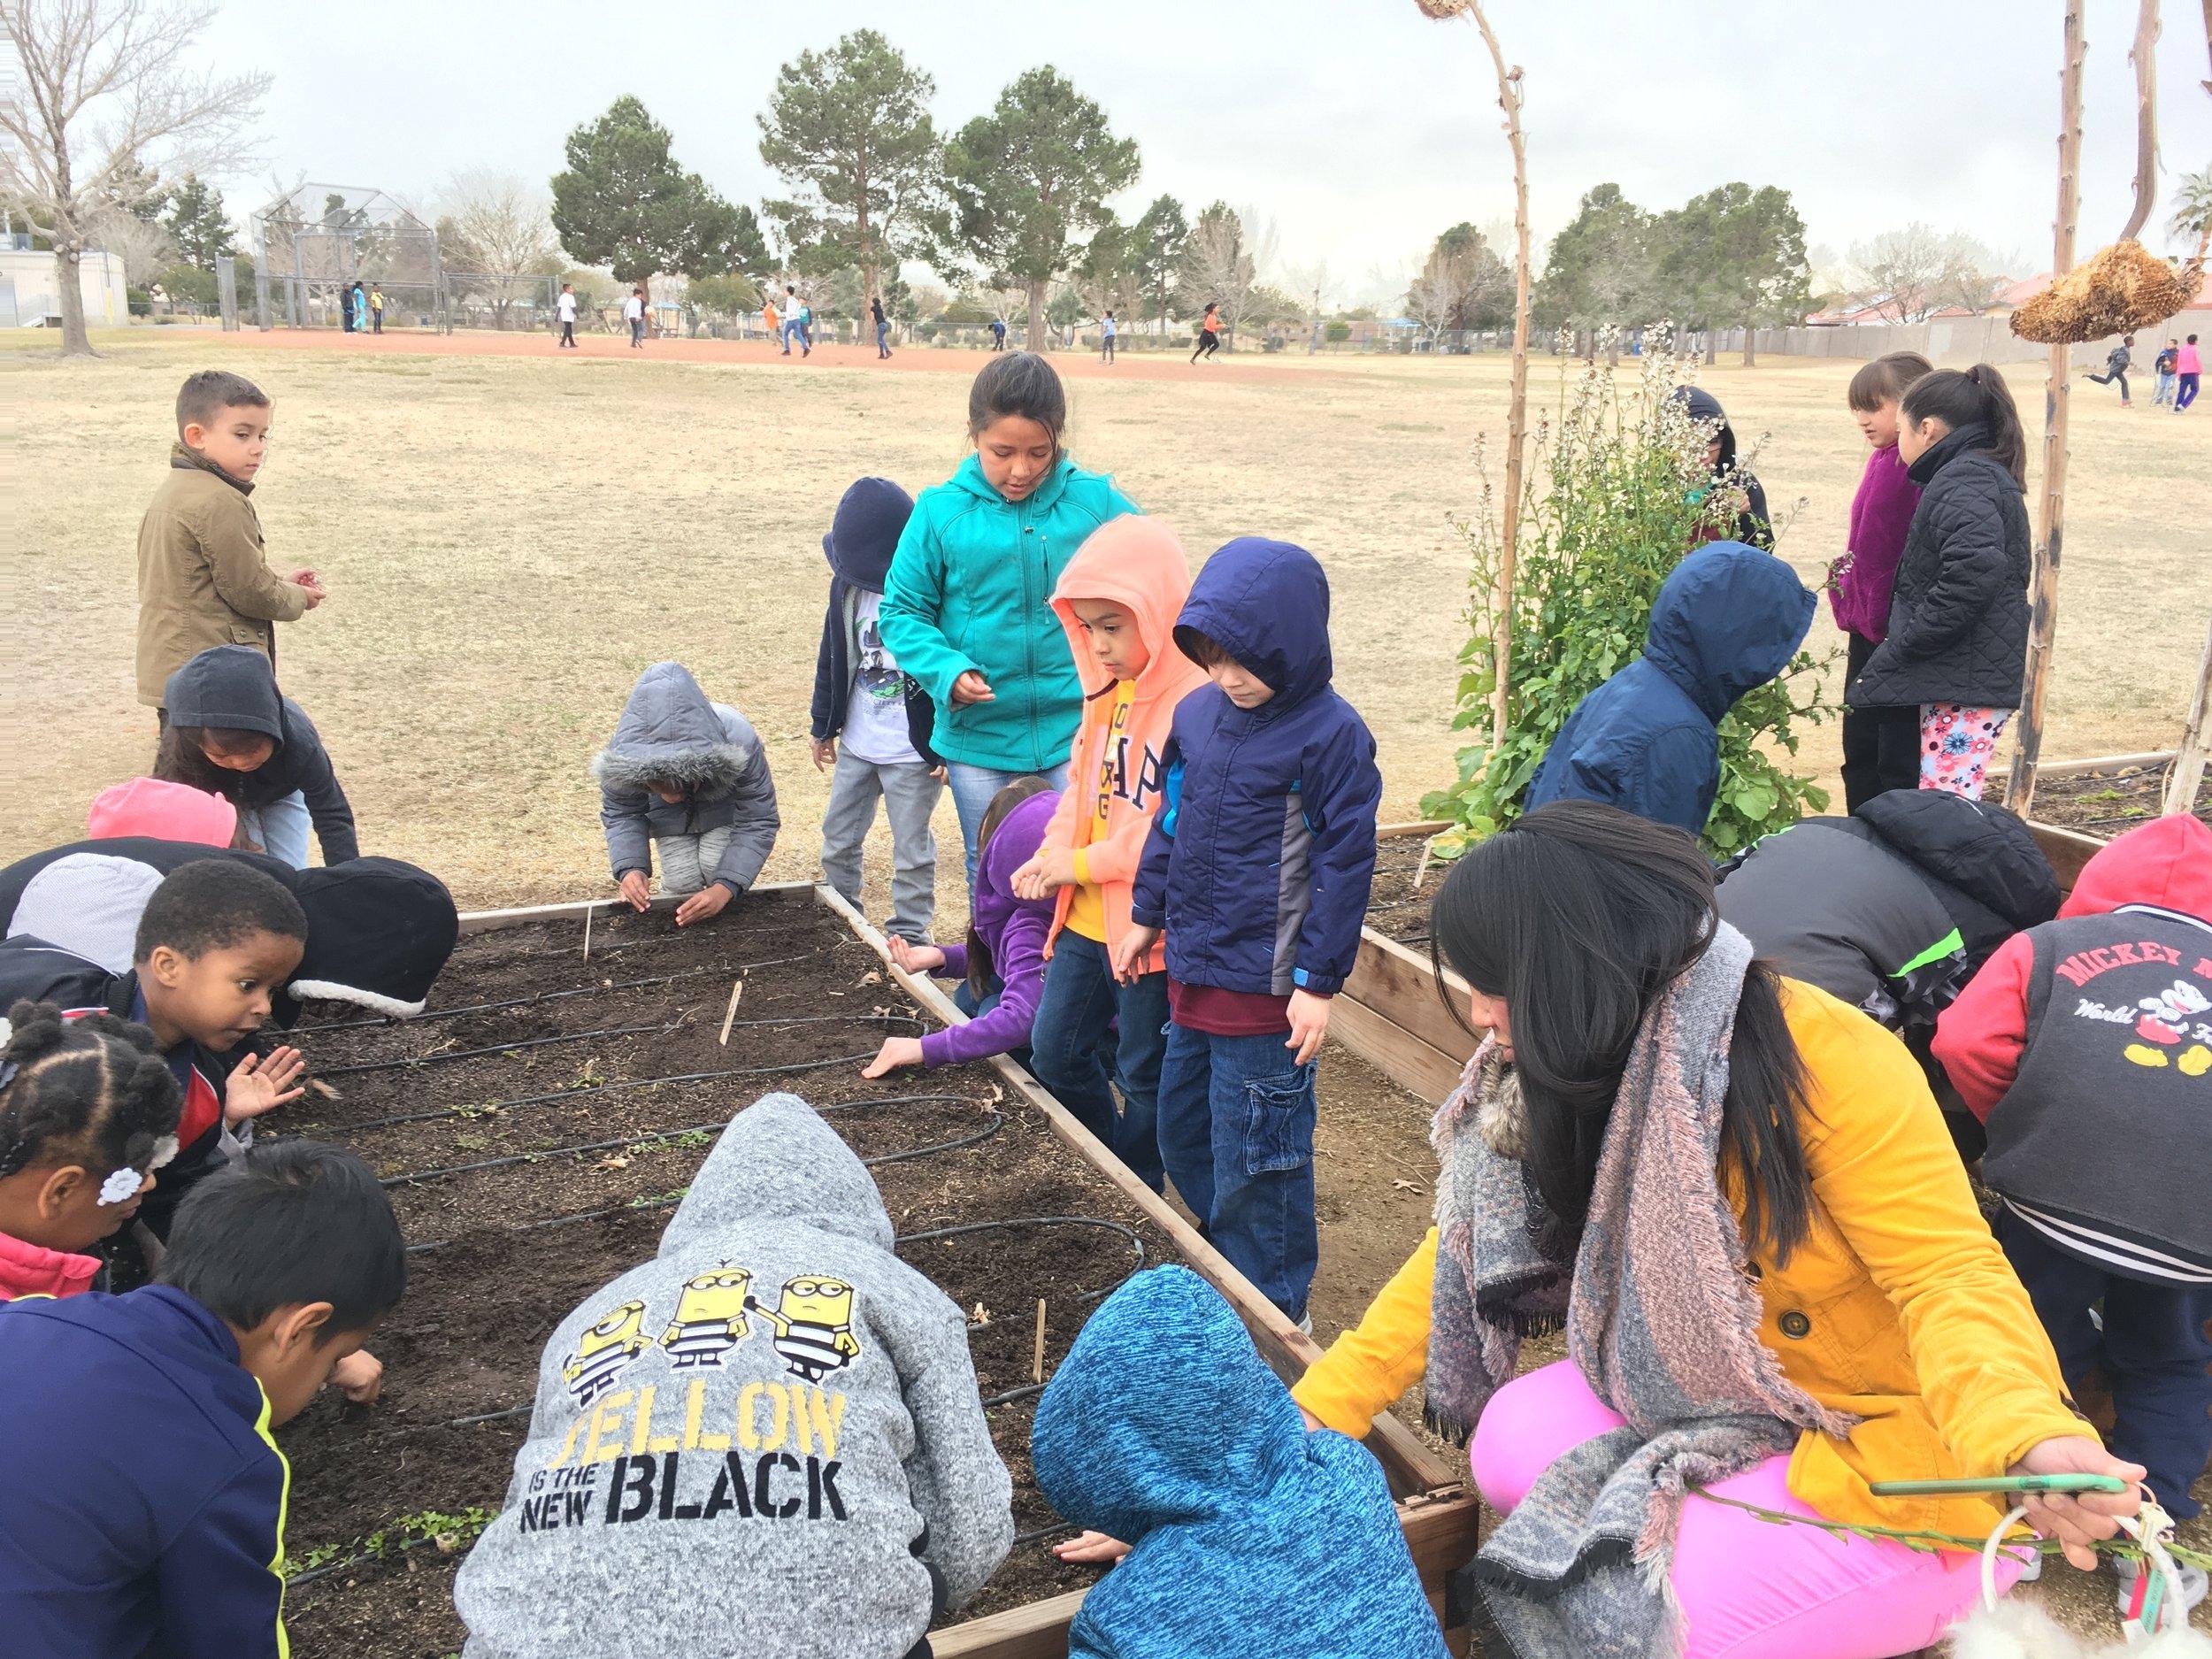 kinders in garden.JPG